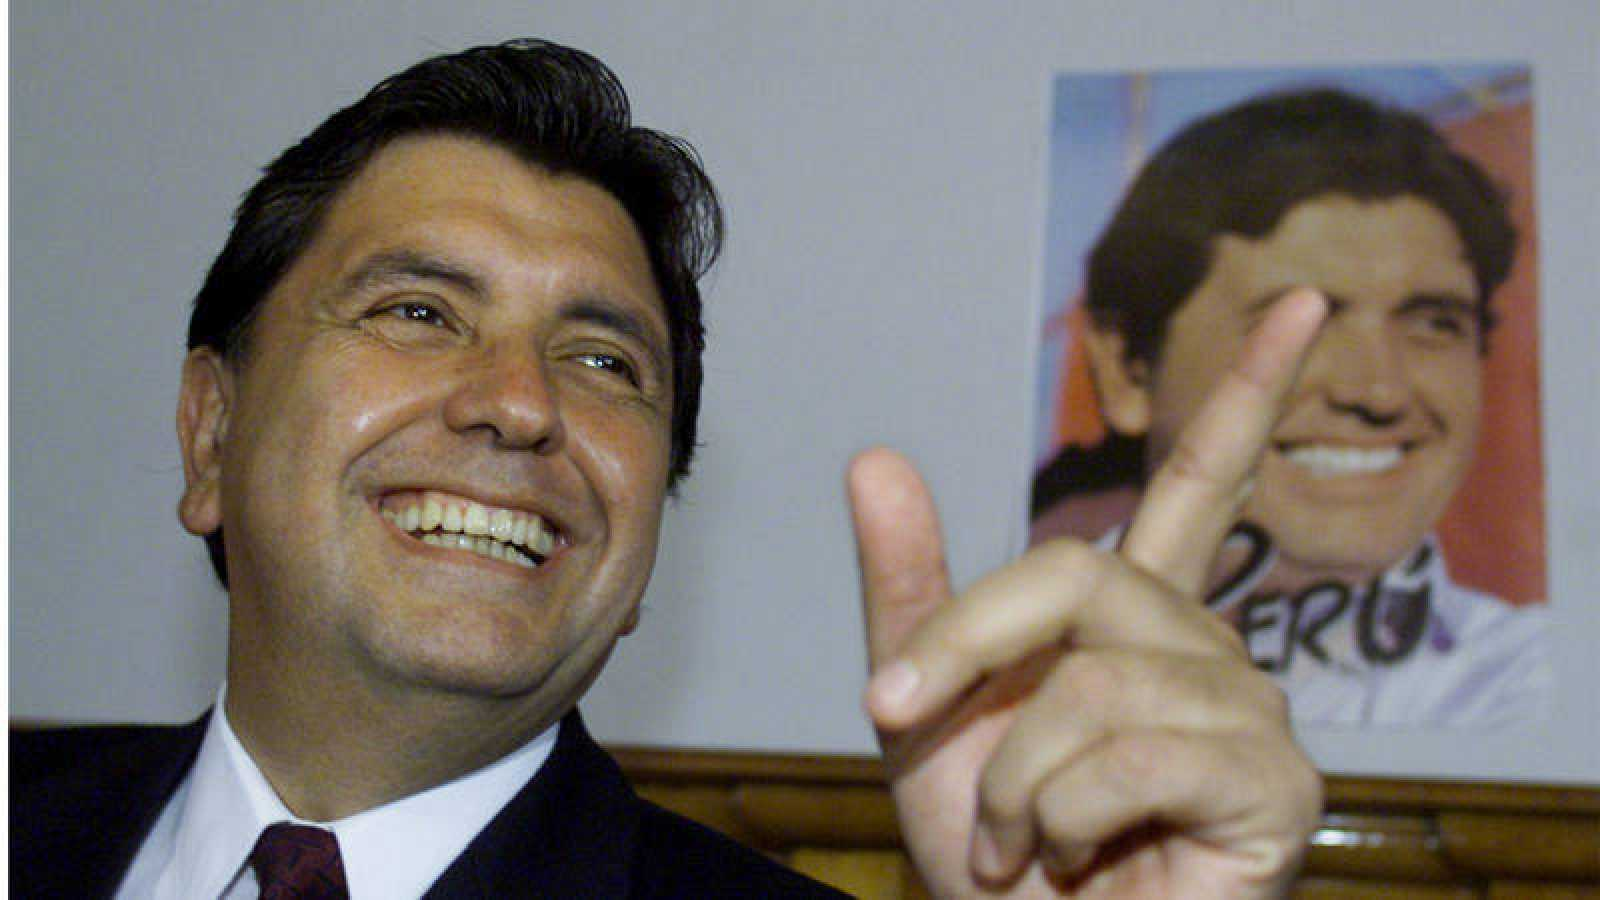 Imagen de archivo de 2001 en la que aparece el expresidente peruano Alan García